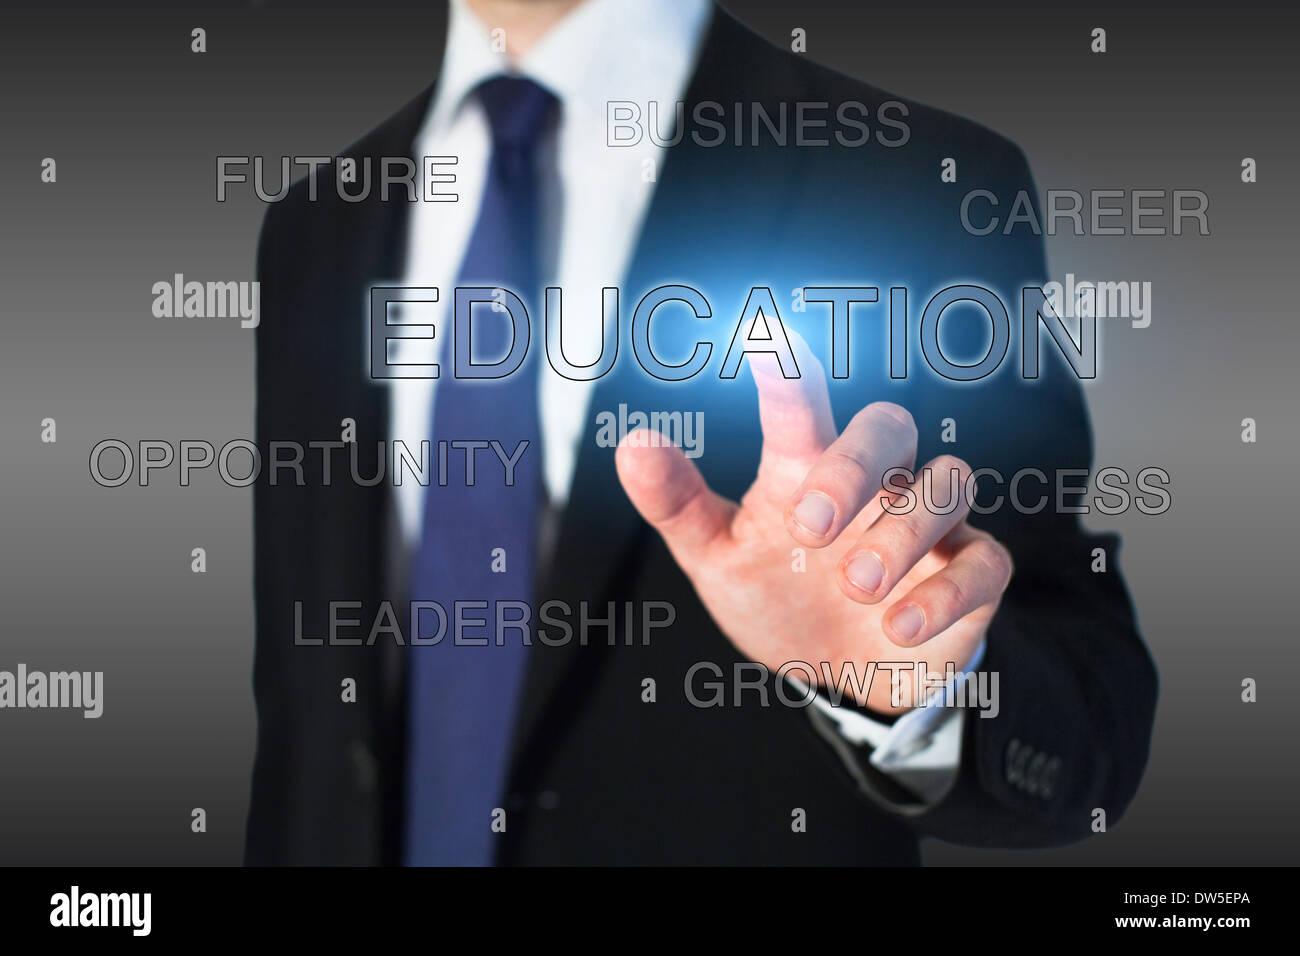 Concepto de educación empresarial, crecimiento profesional. Imagen De Stock